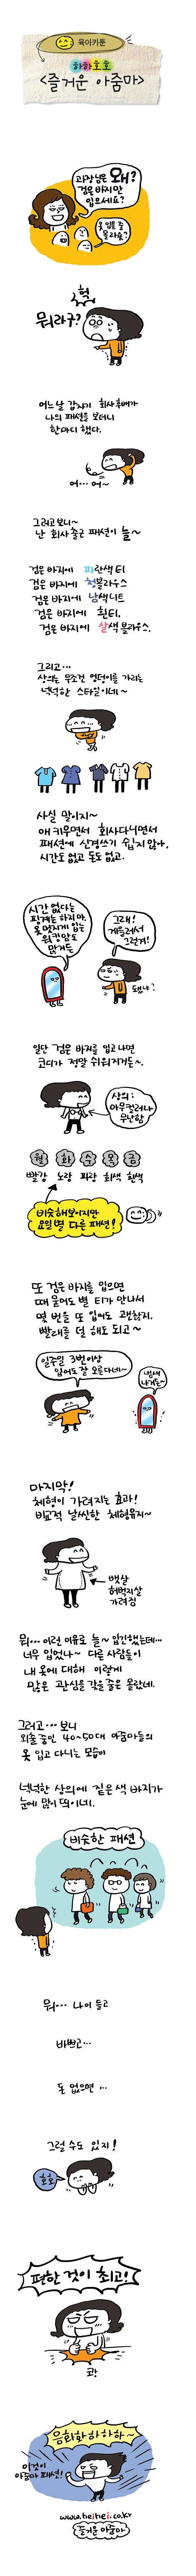 한겨레베이비트리육아카툰아줌마패션1.jpg